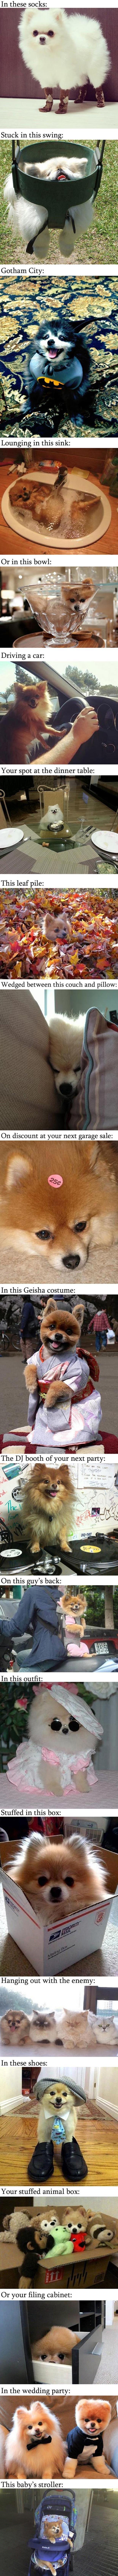 Where Pomeranians Dont Belong